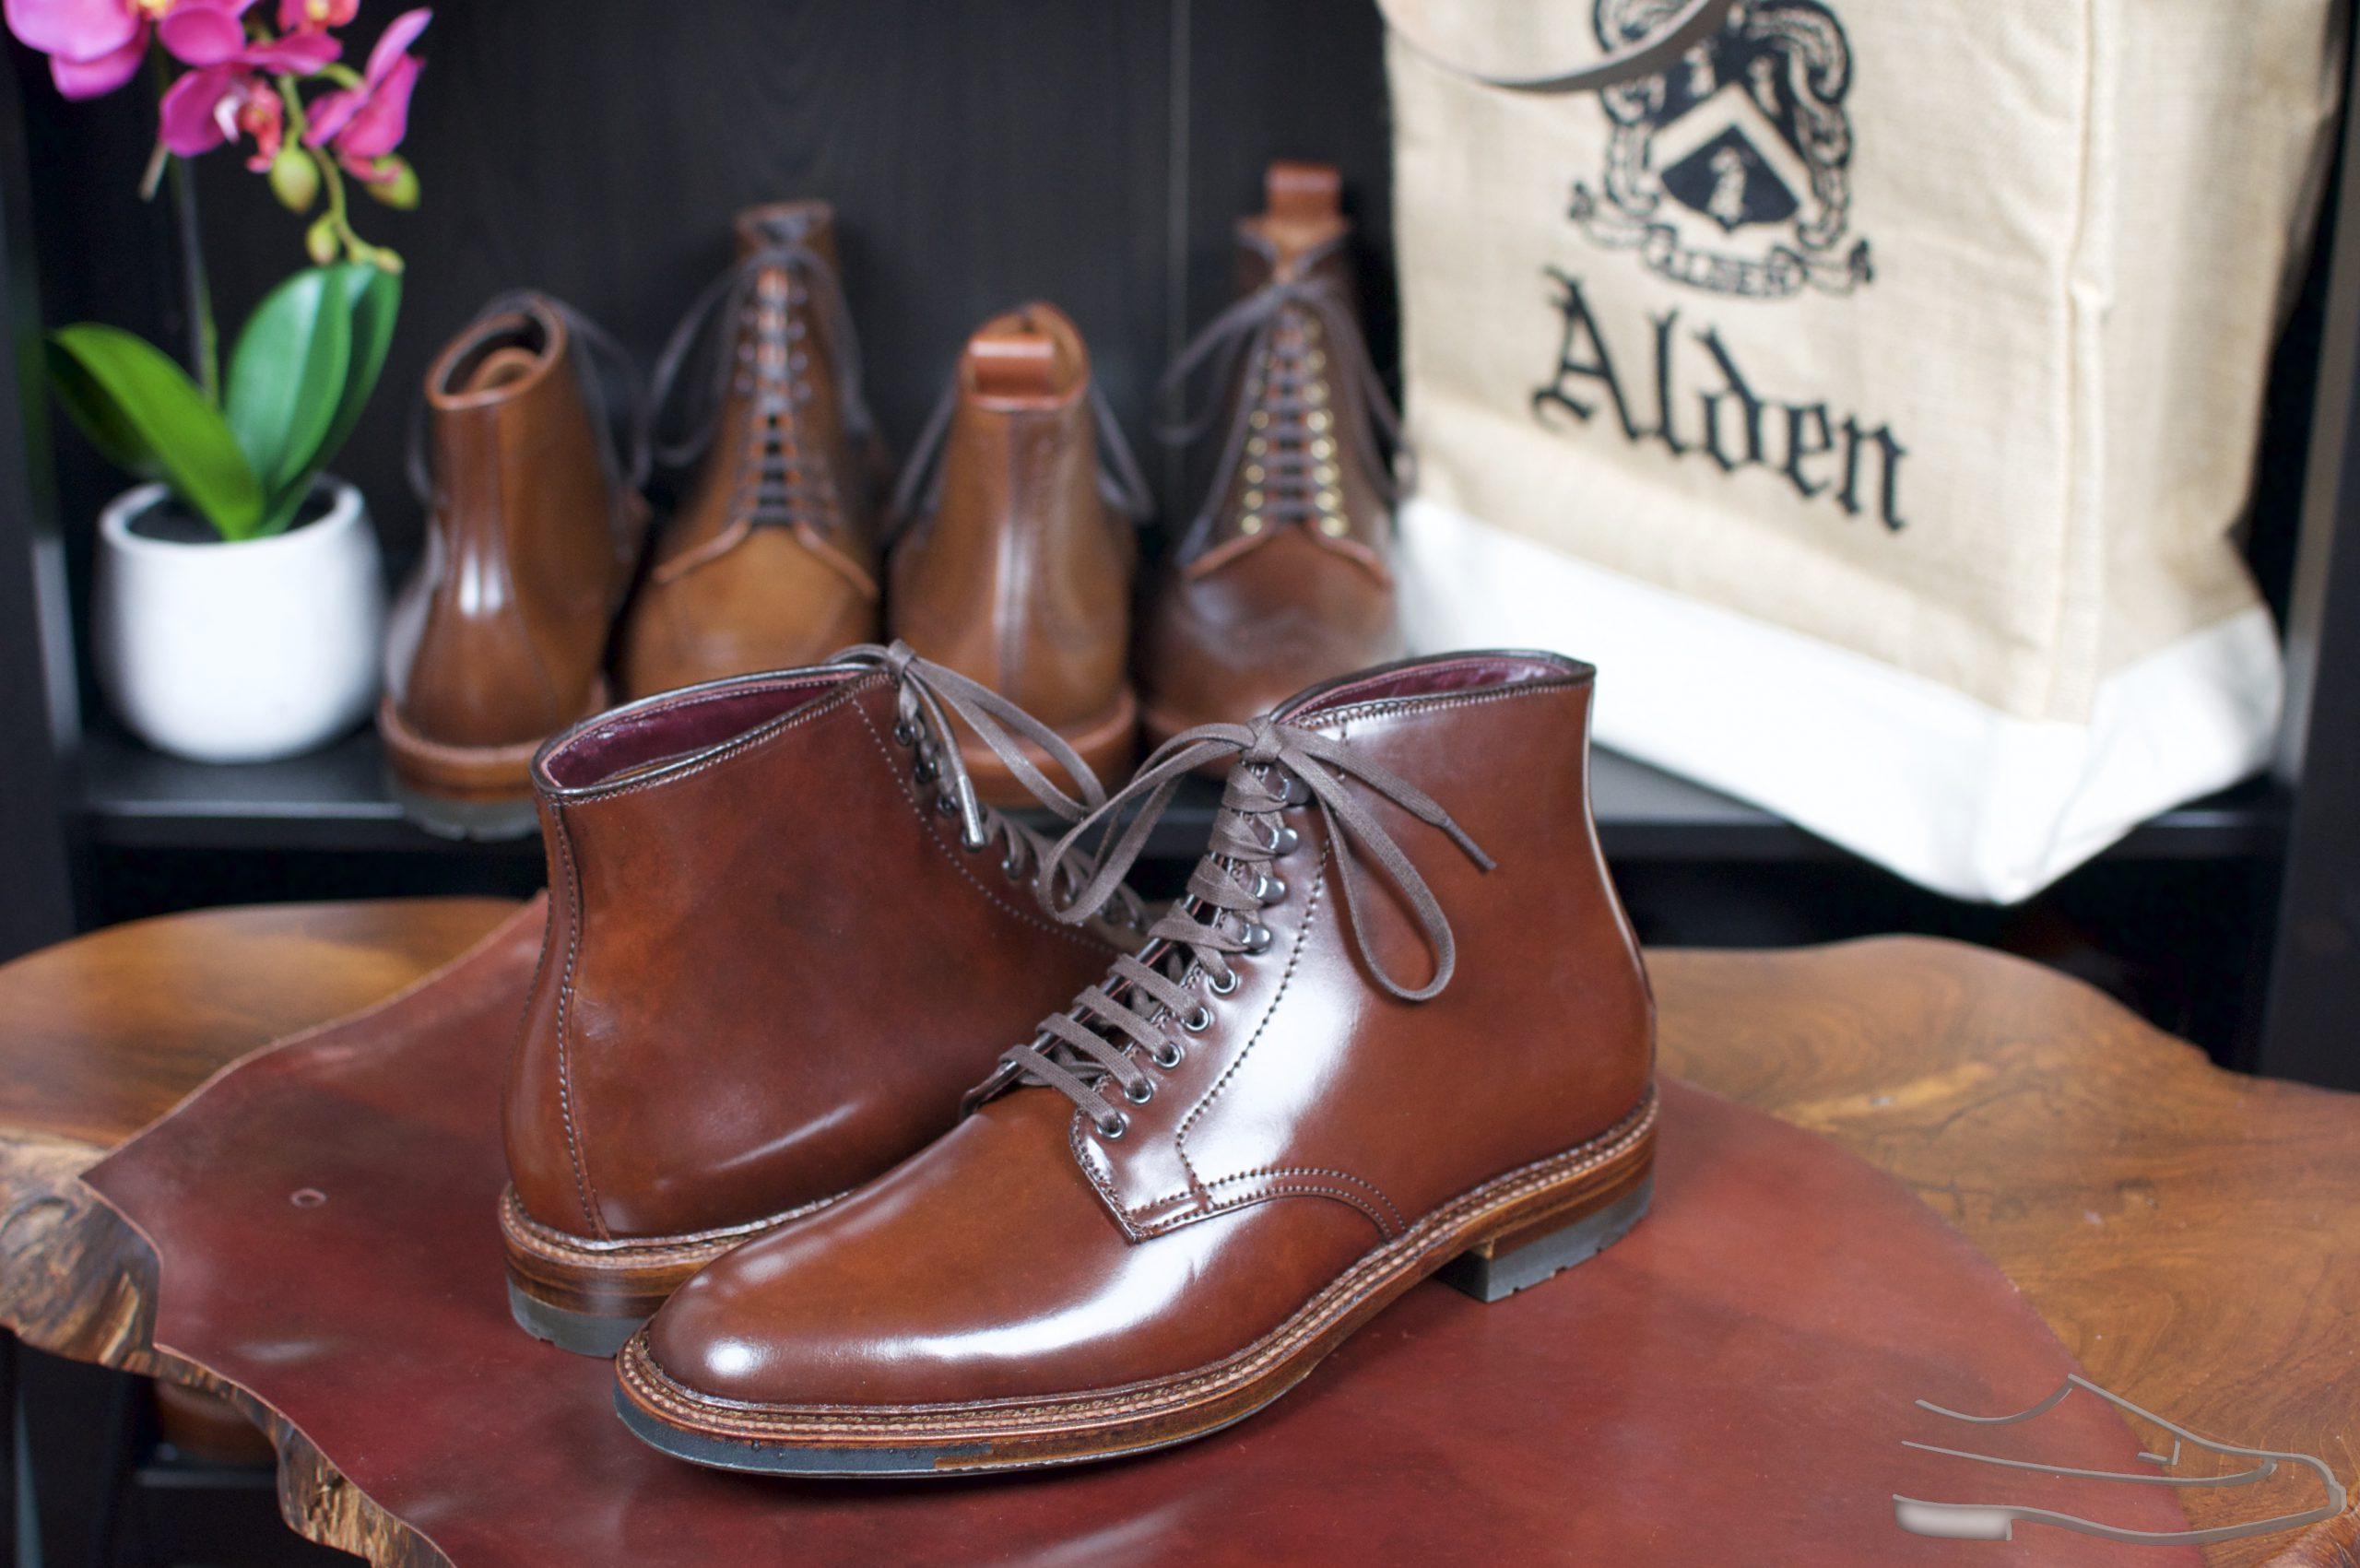 Alden Color #4 PT Boots